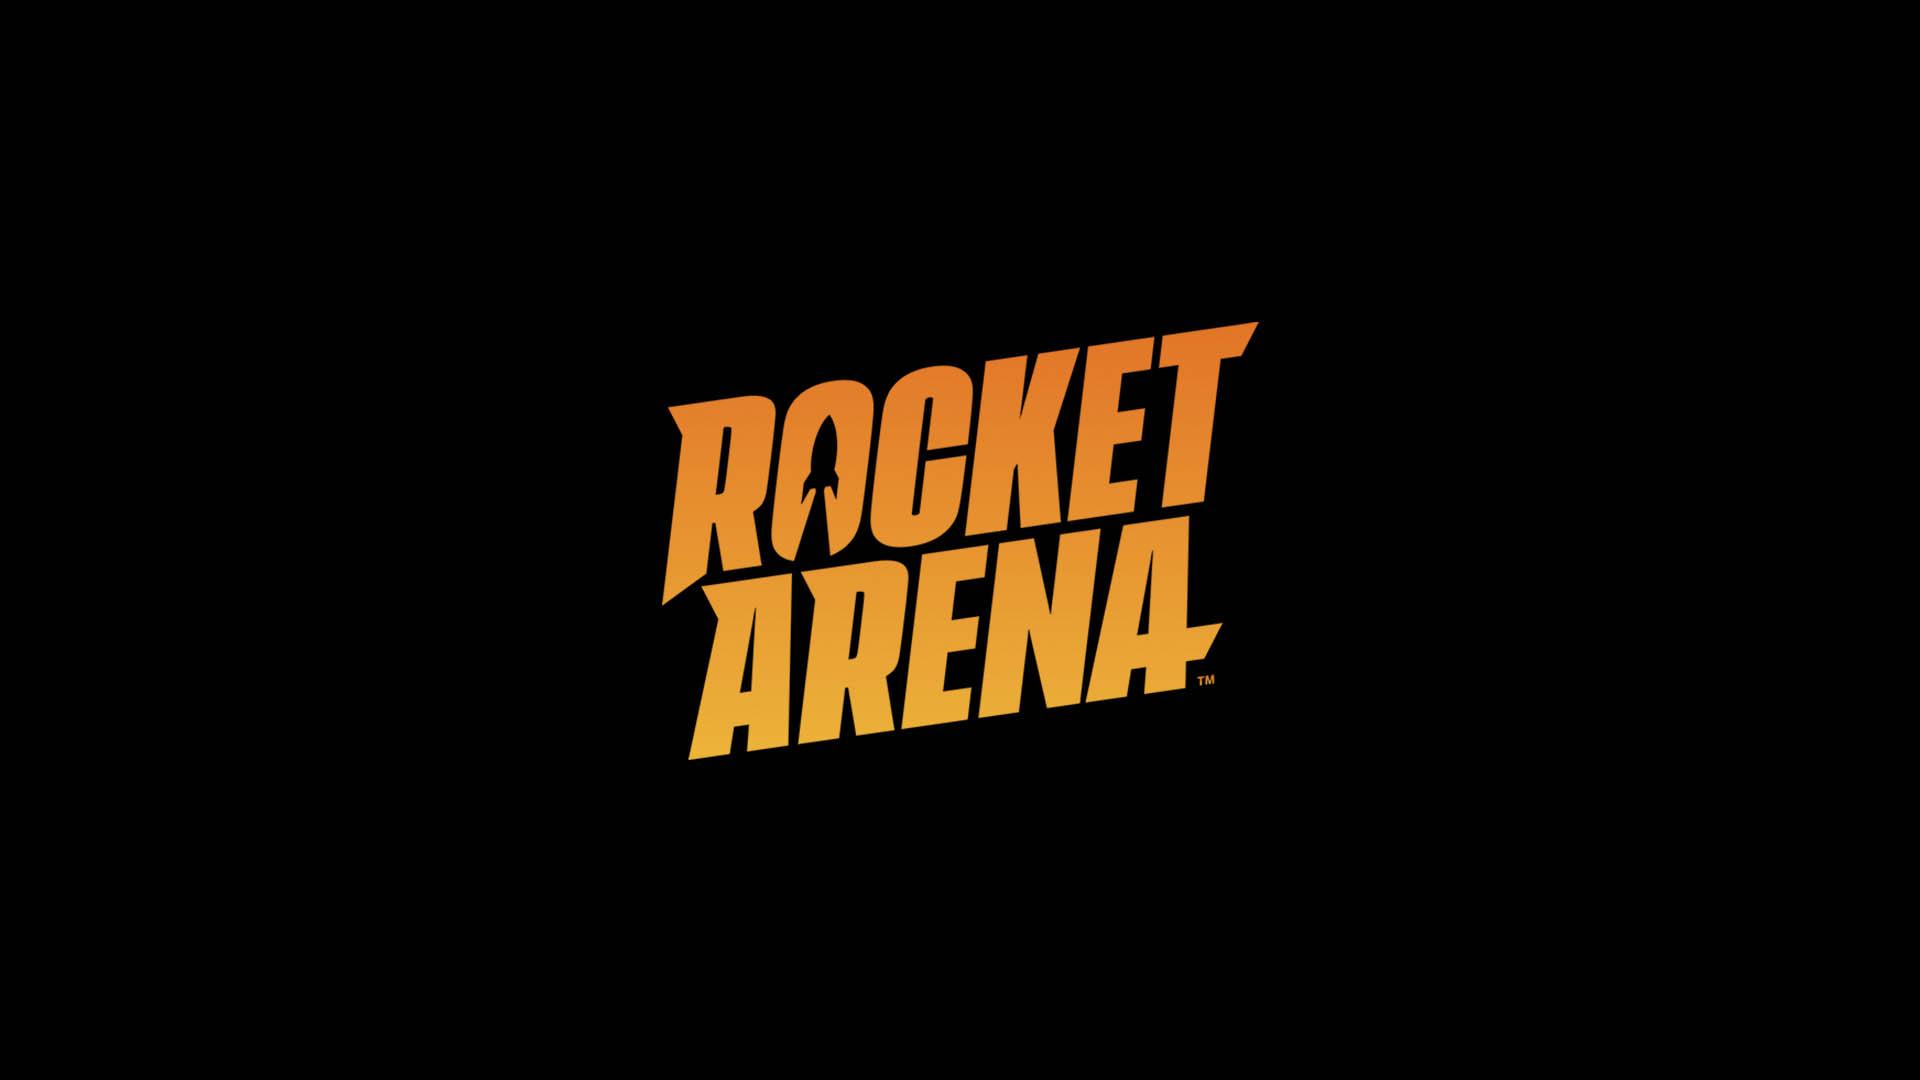 Trofeos de Rocket Arena